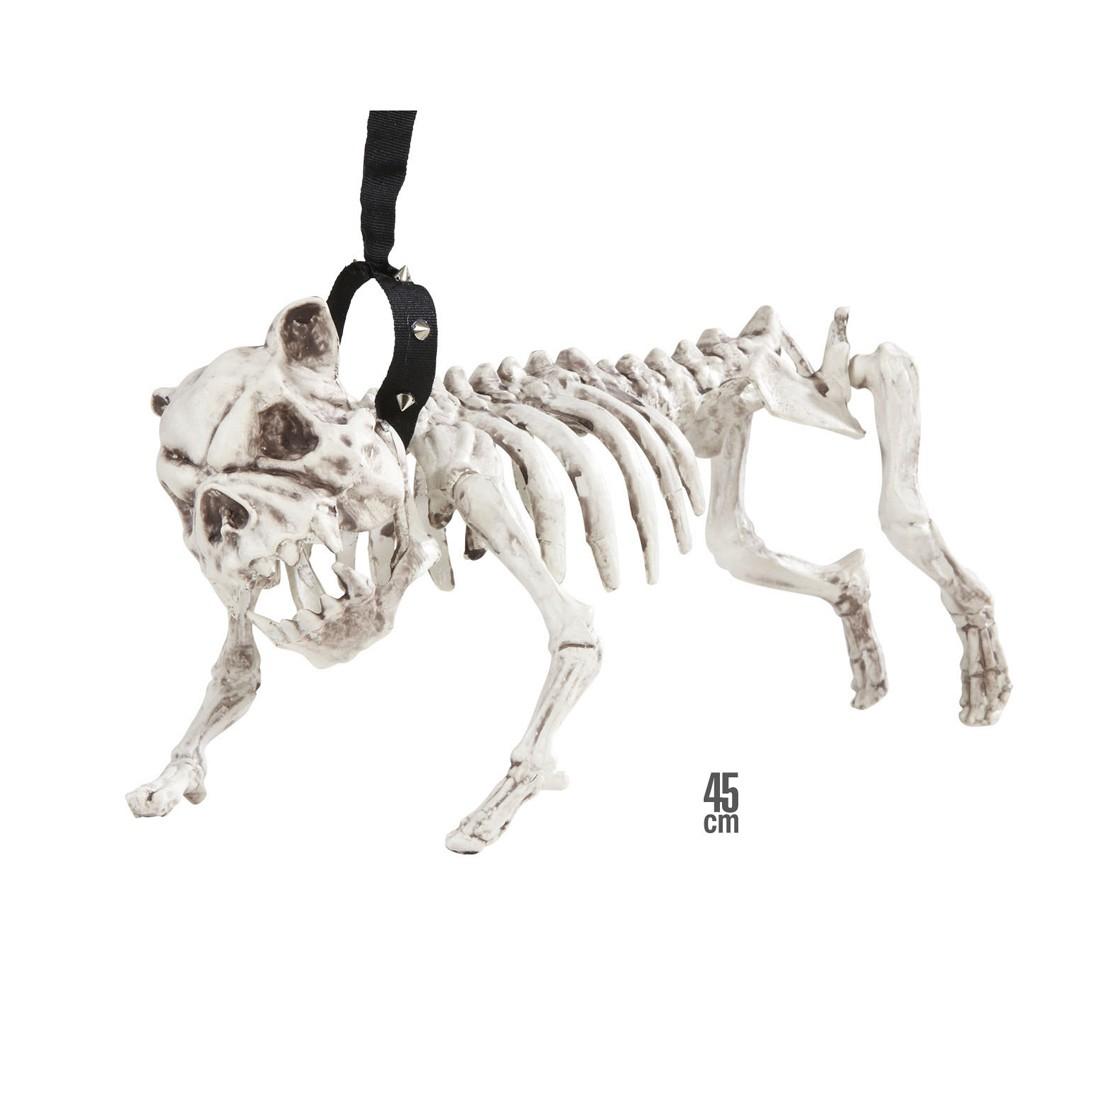 Schön Anatomie Eines Männlichen Hund Bilder - Menschliche Anatomie ...